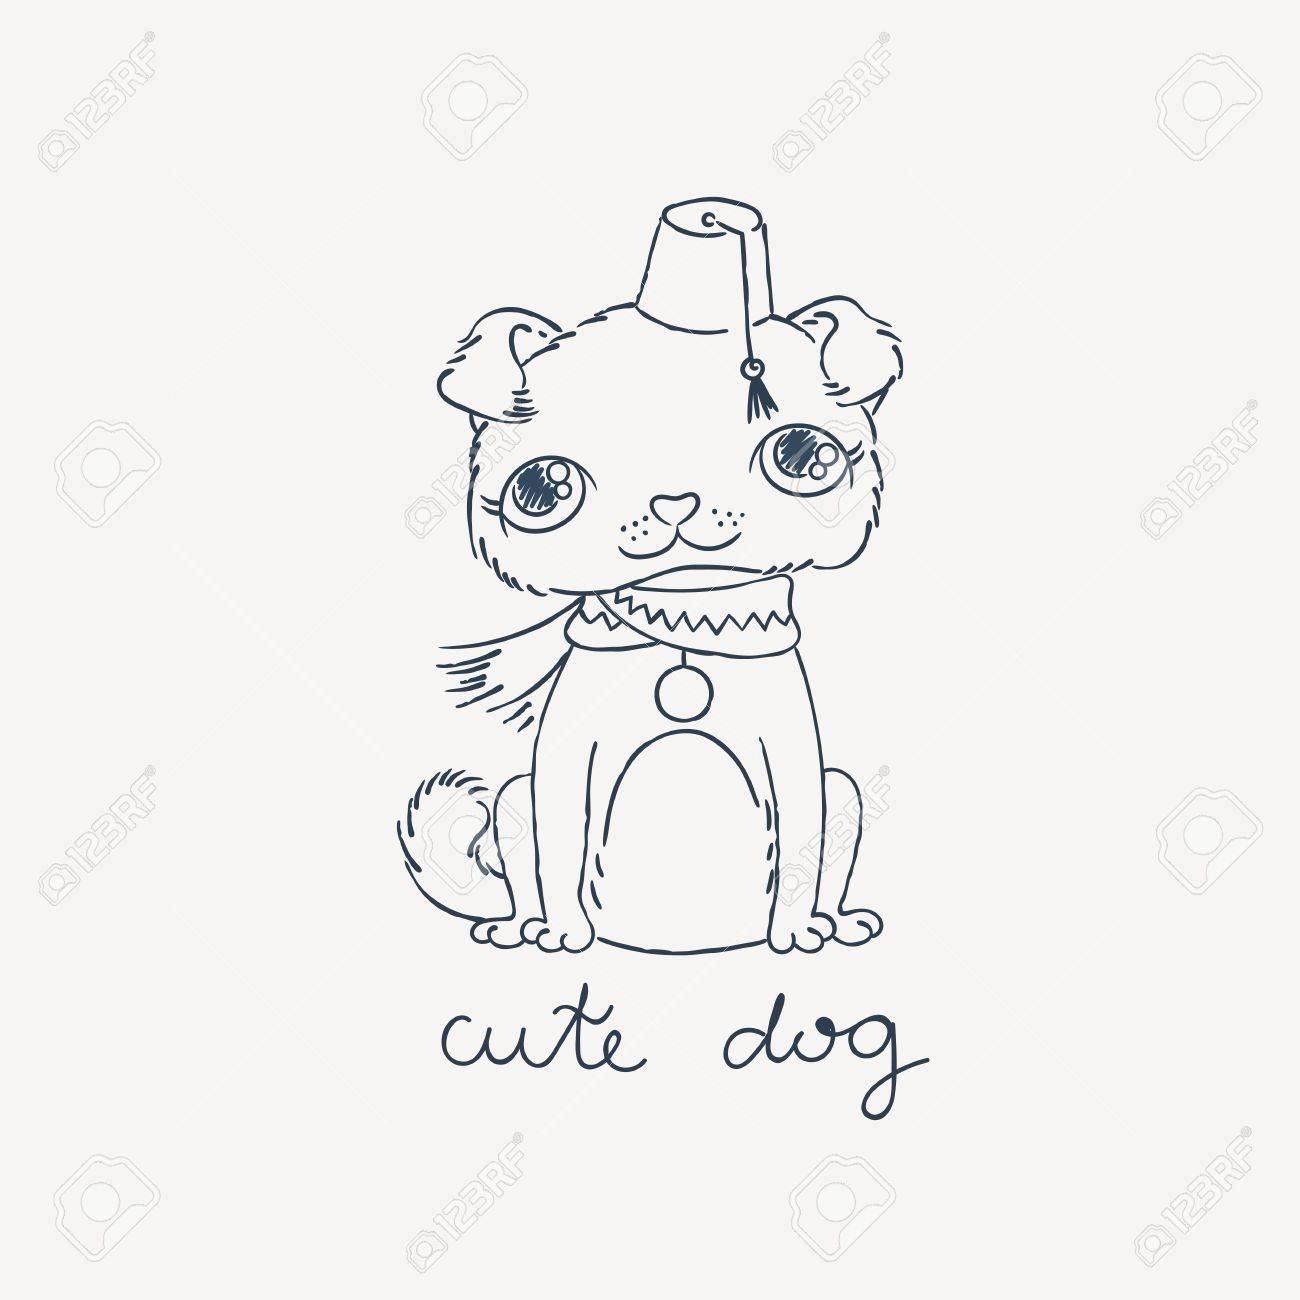 Pug Cachorro En Una Fes Con Una Borla. Vector Ilustración De Dibujo ...